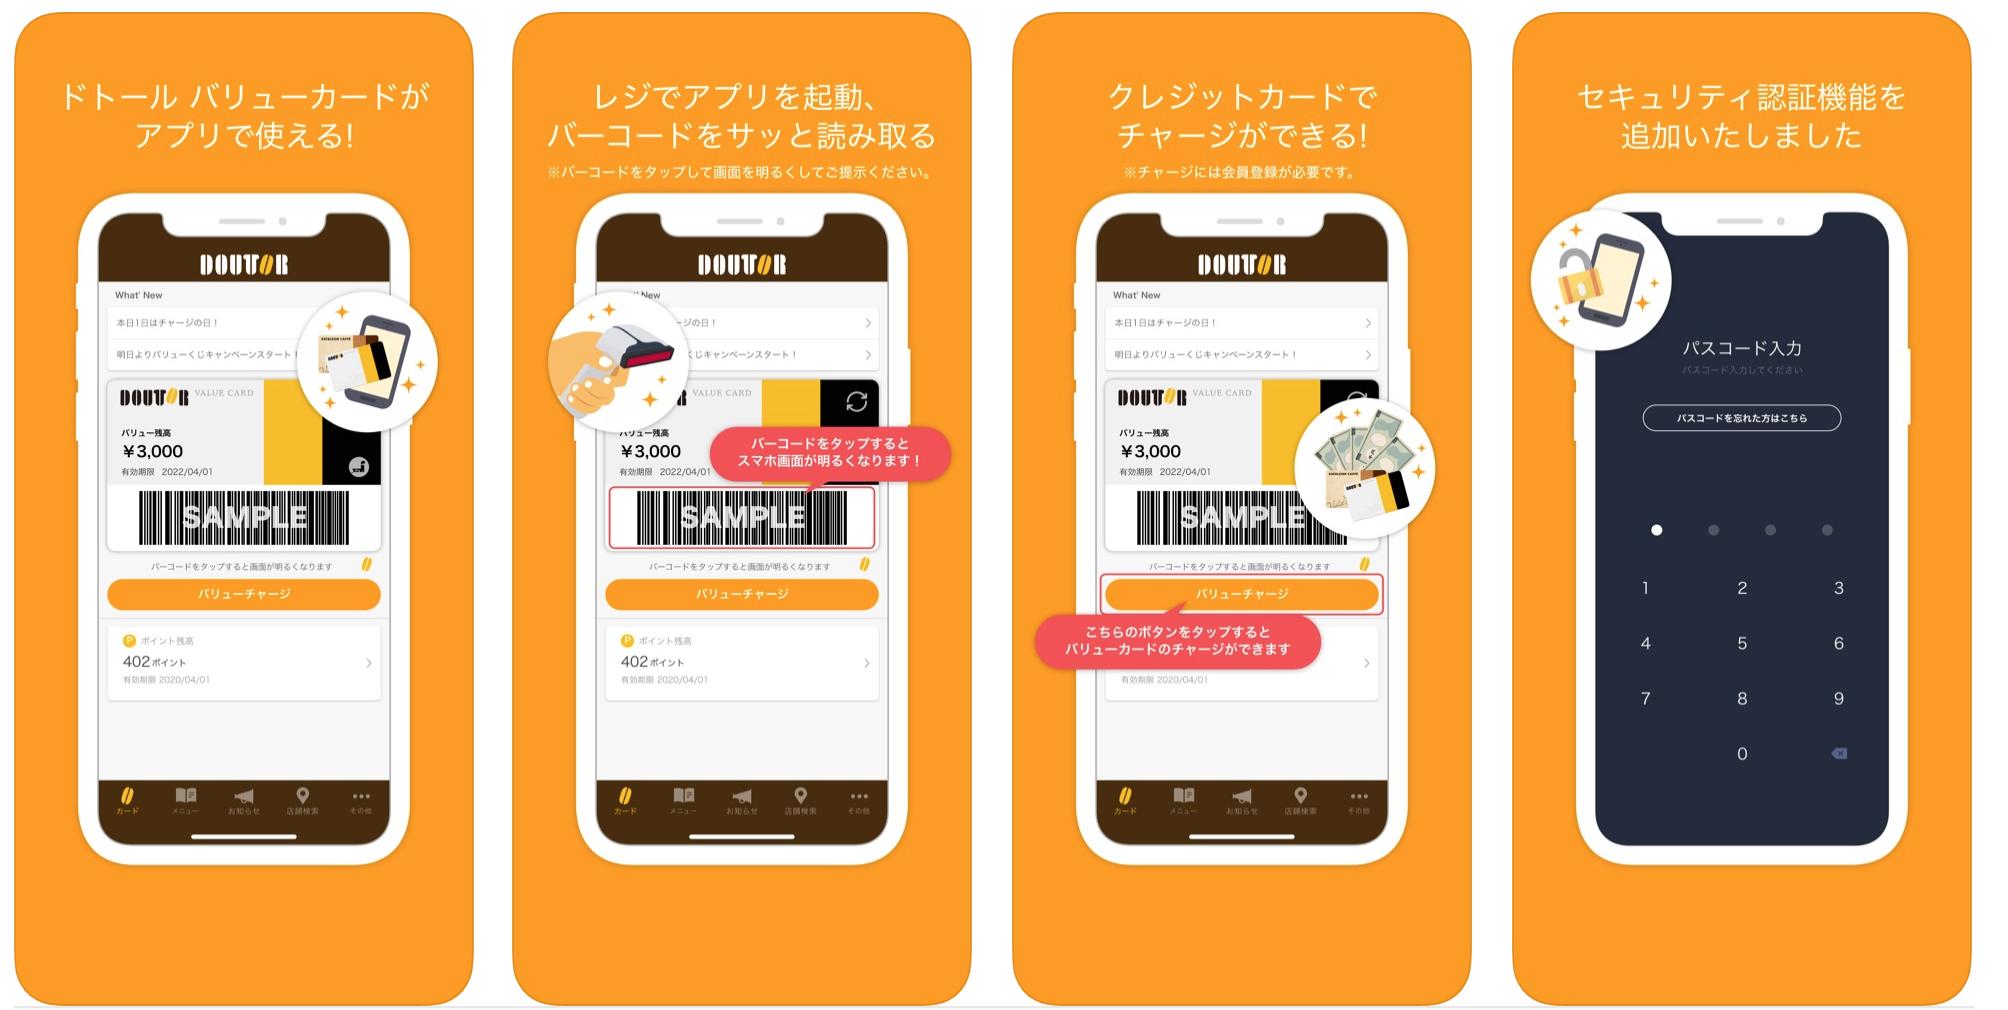 プリペイドカードアプリ